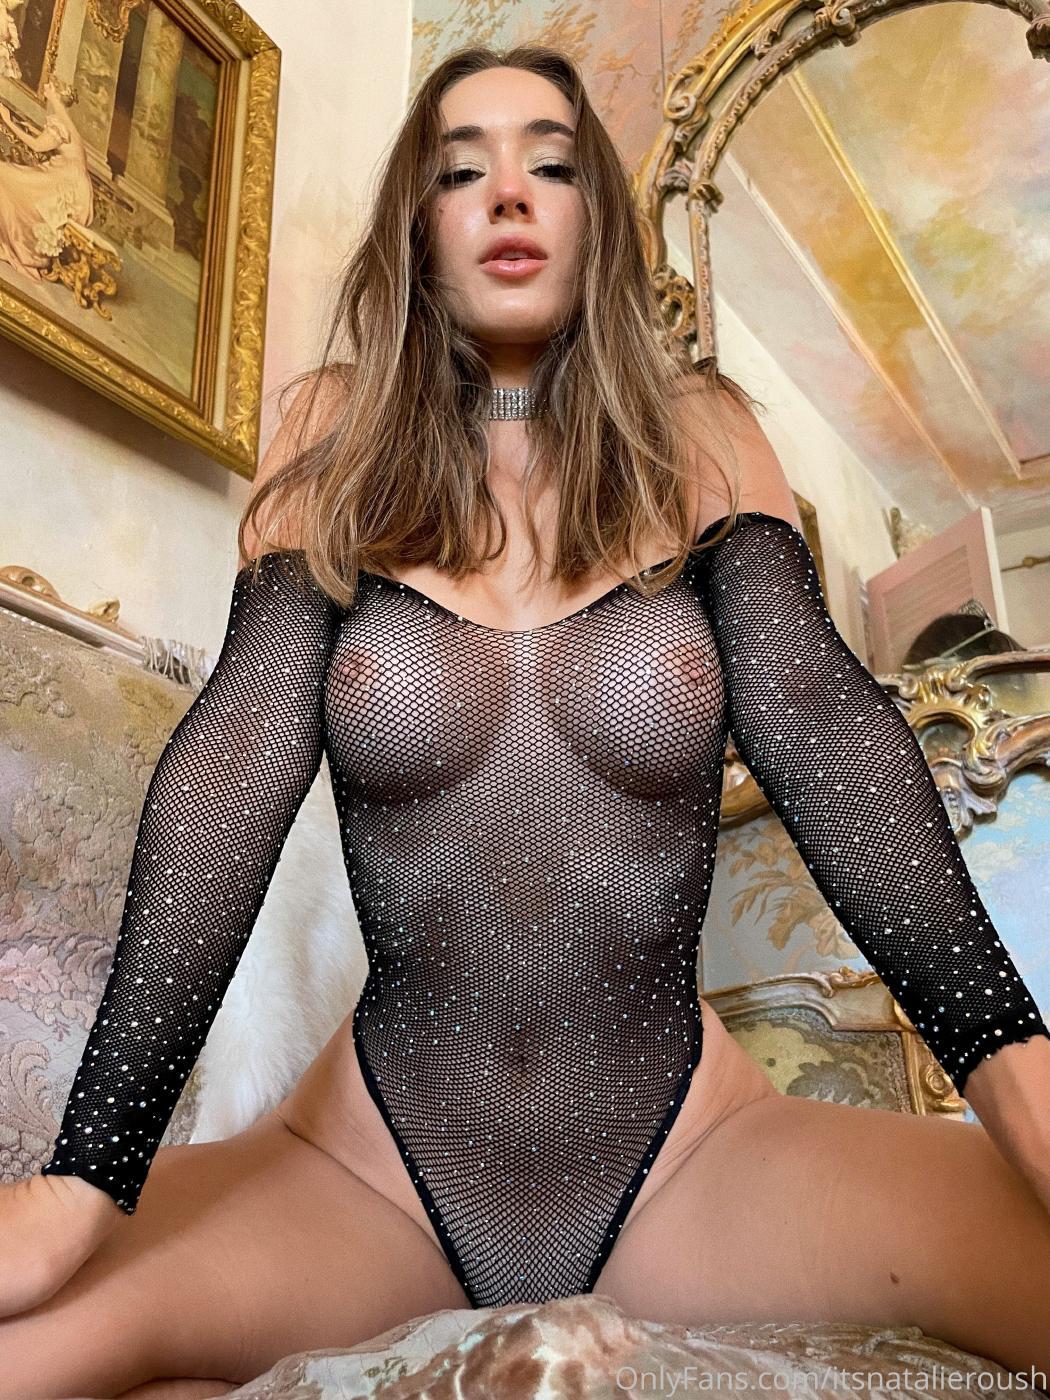 Natalie Roush Nude Fishnet Onlyfans Set Leaked Vrrrqp